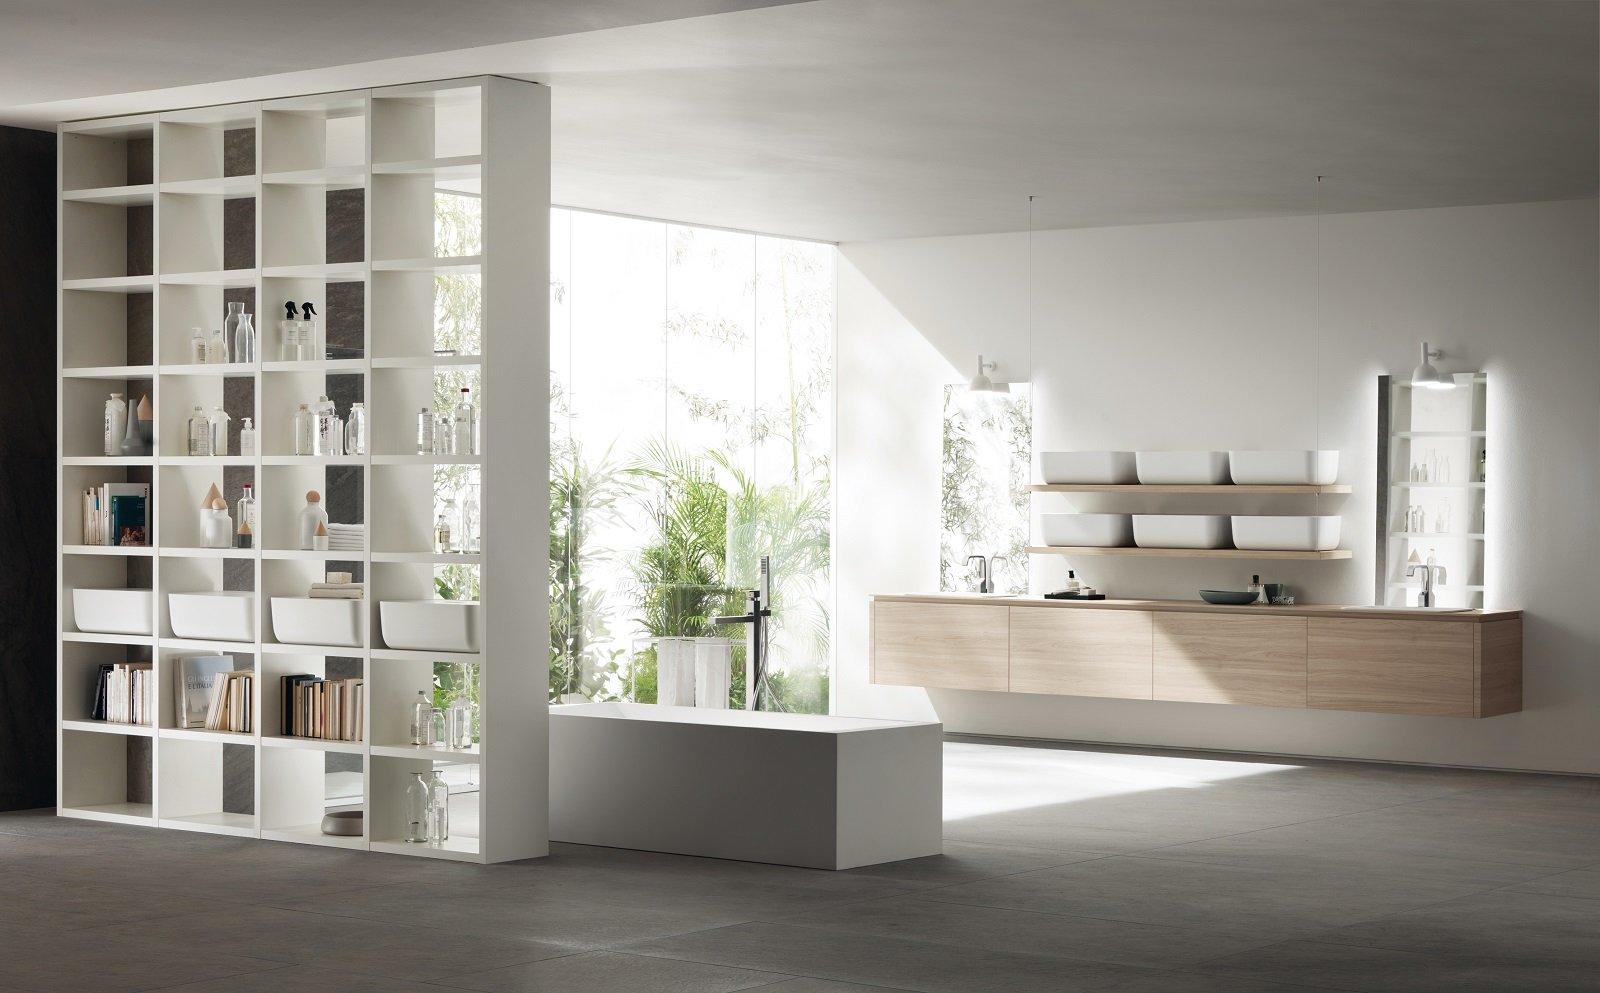 Vasca Da Bagno Scavolini Prezzo : Molto scenografiche e dimpatto le vasche a libera installazione